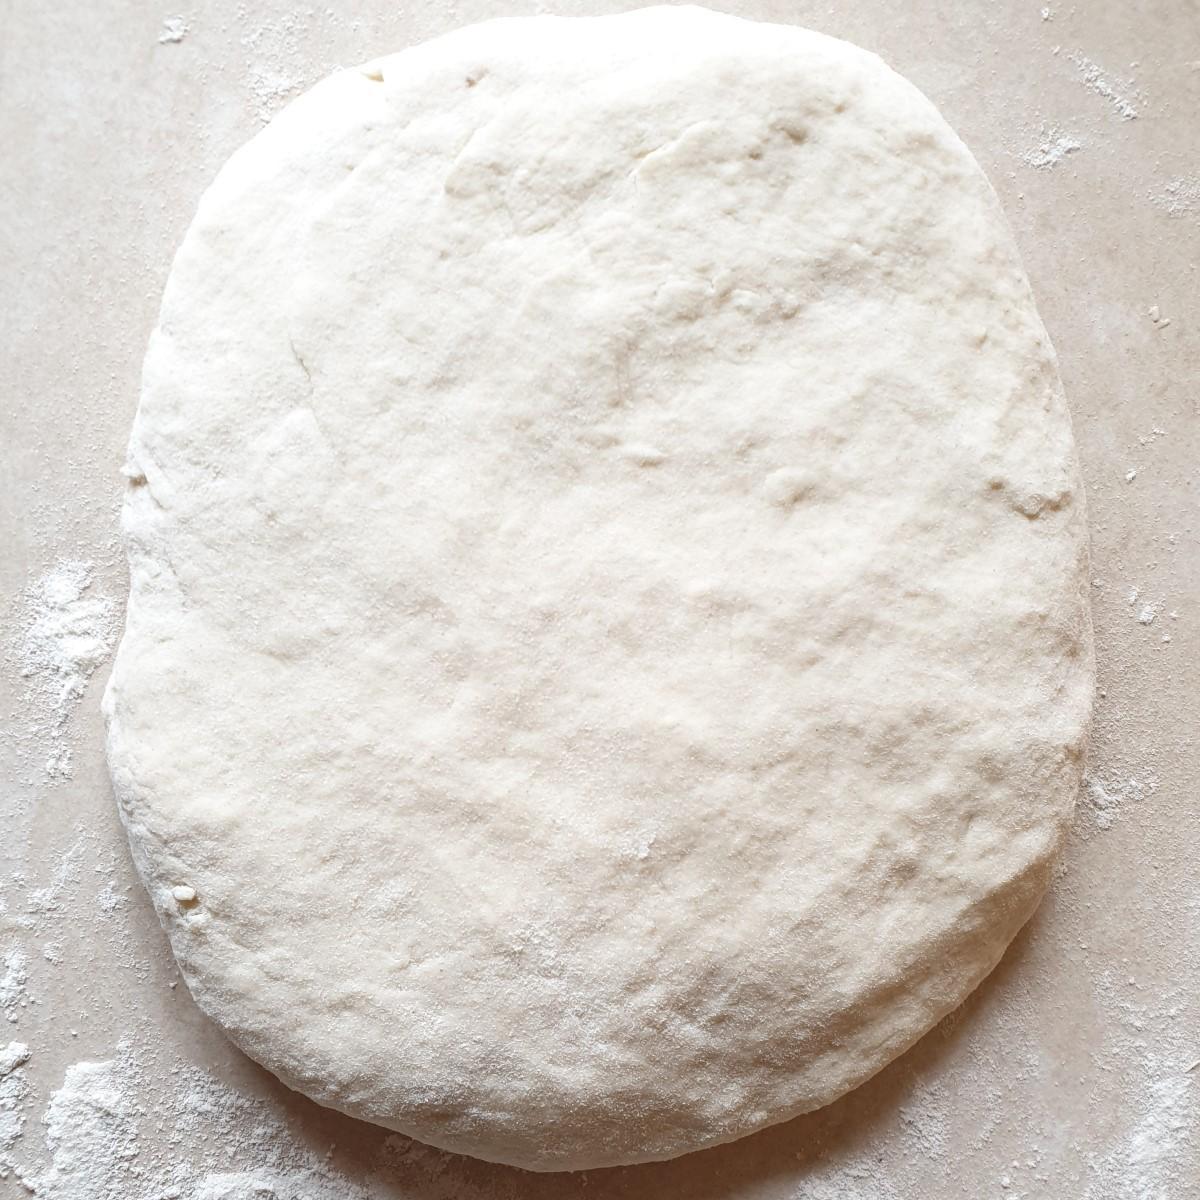 A ball of koeksister dough.